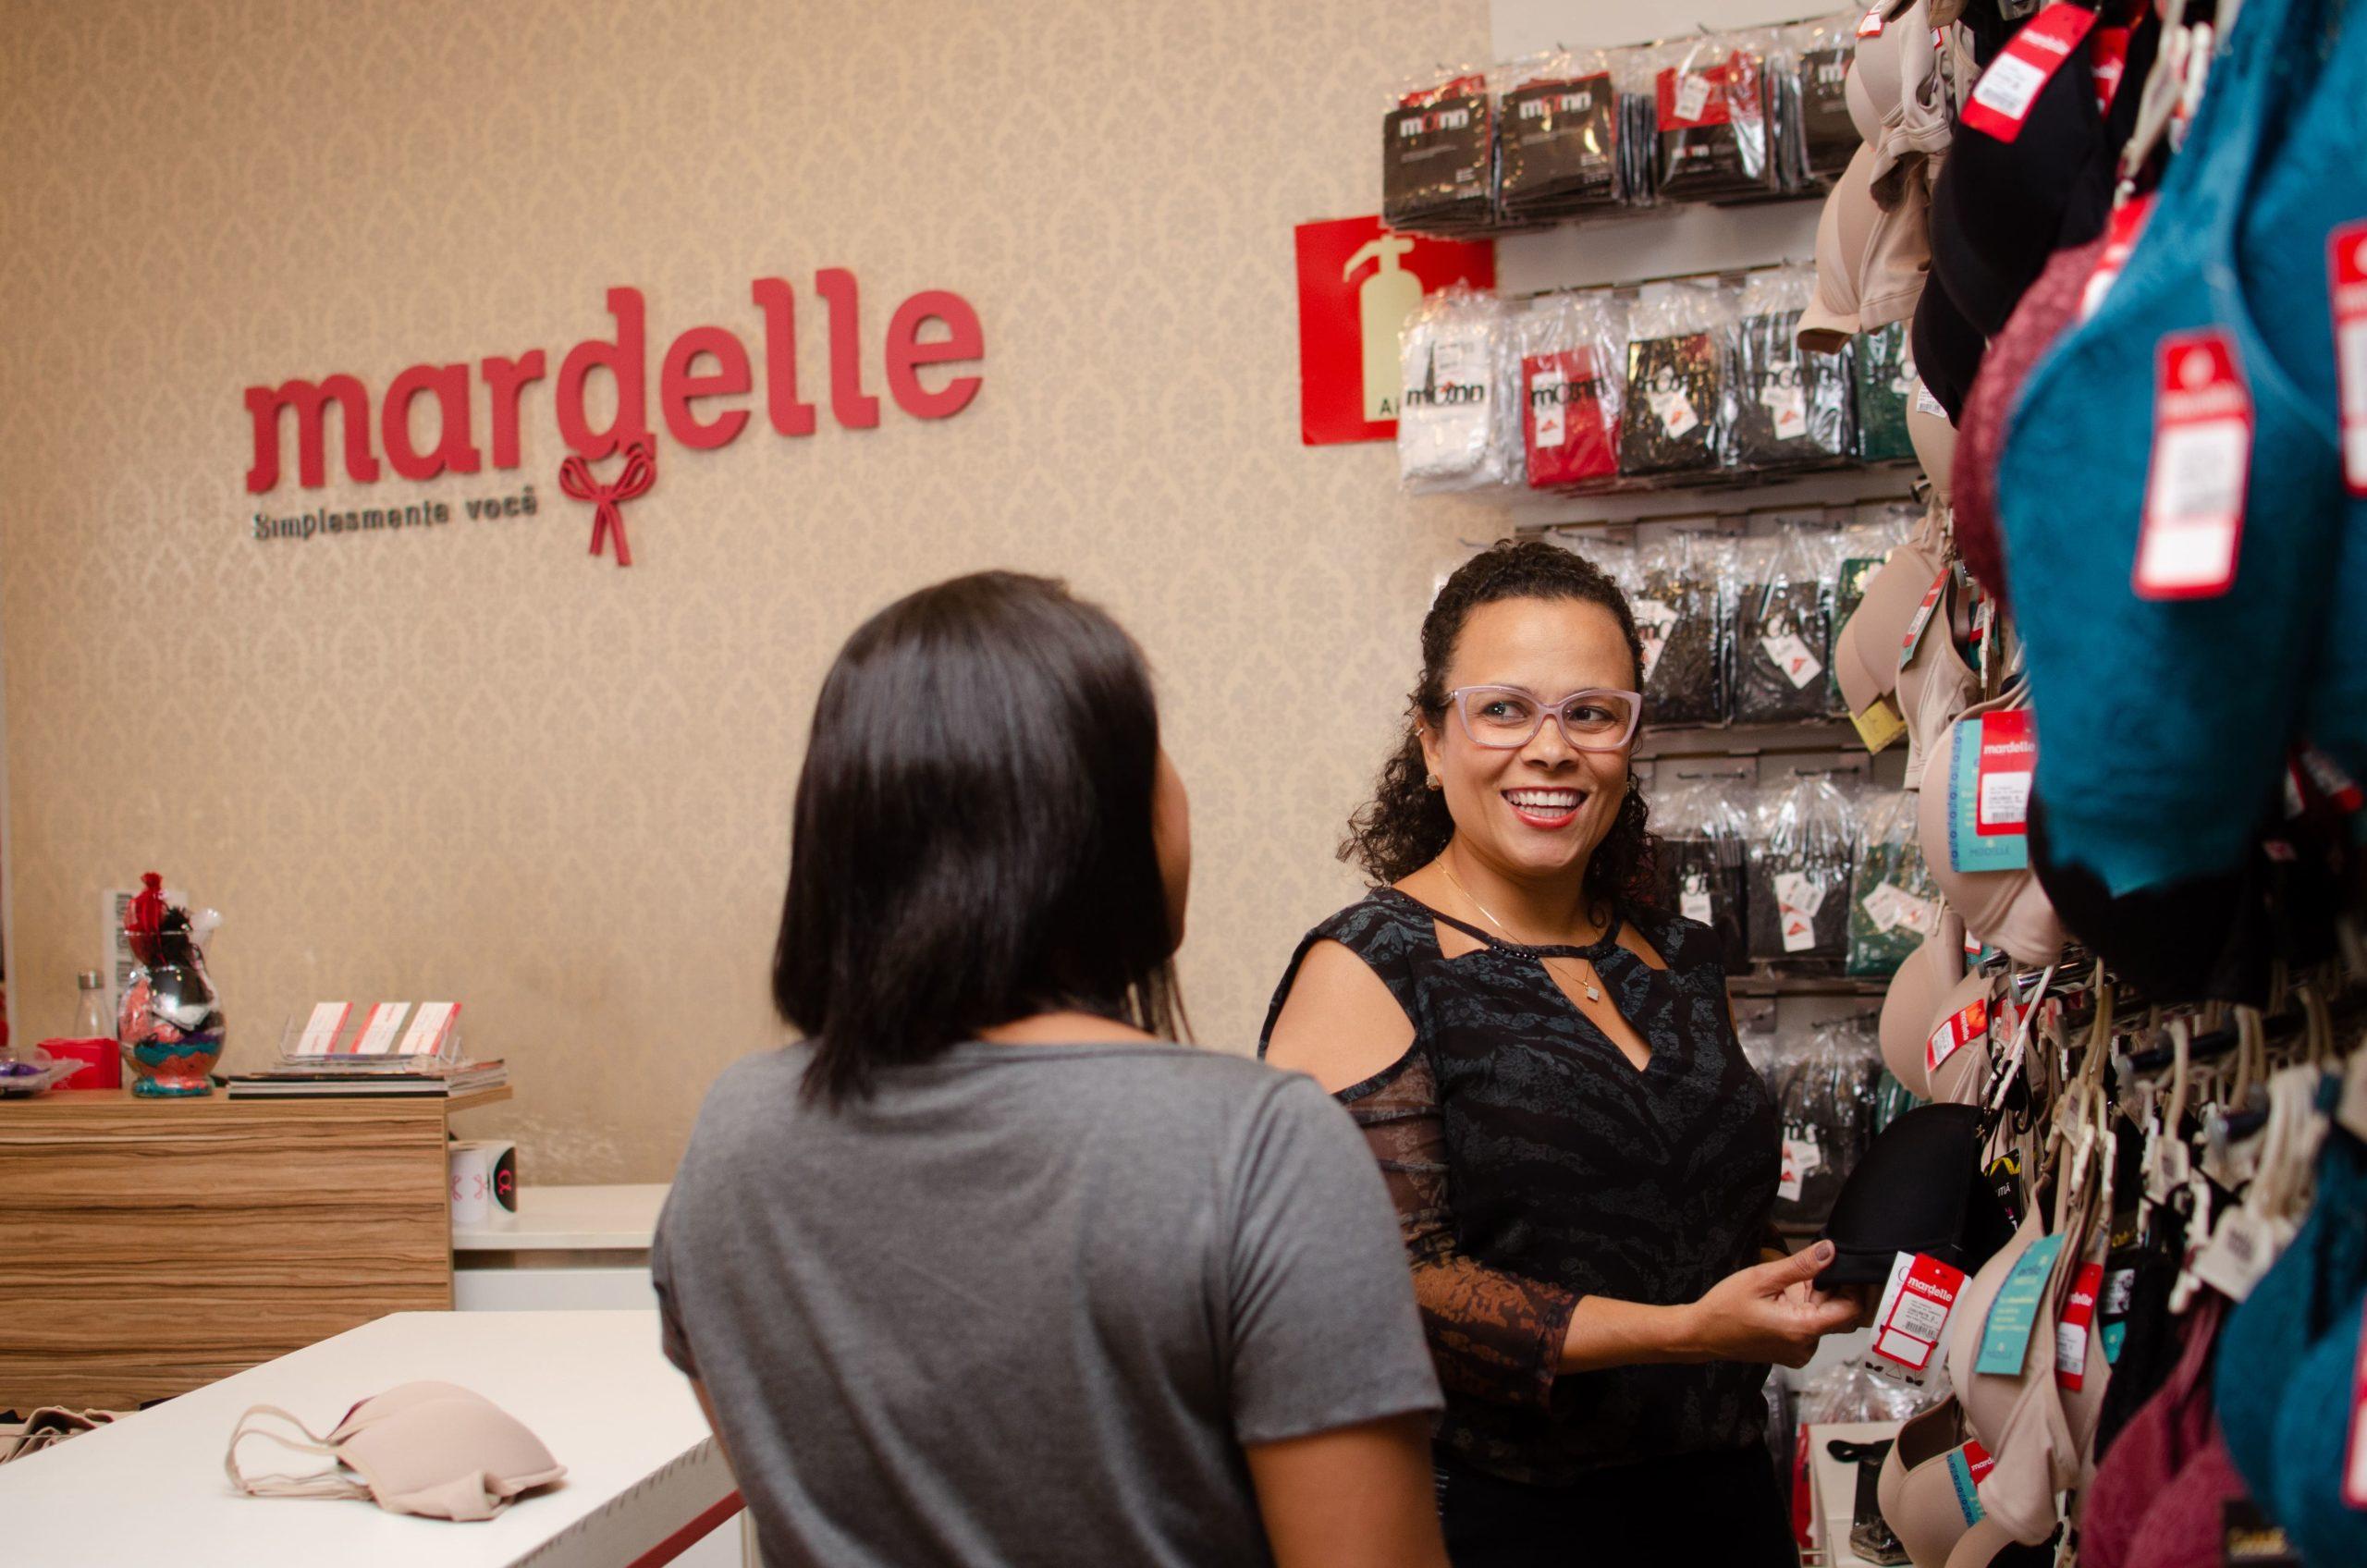 Franquia Mardelle é um bom negócio?